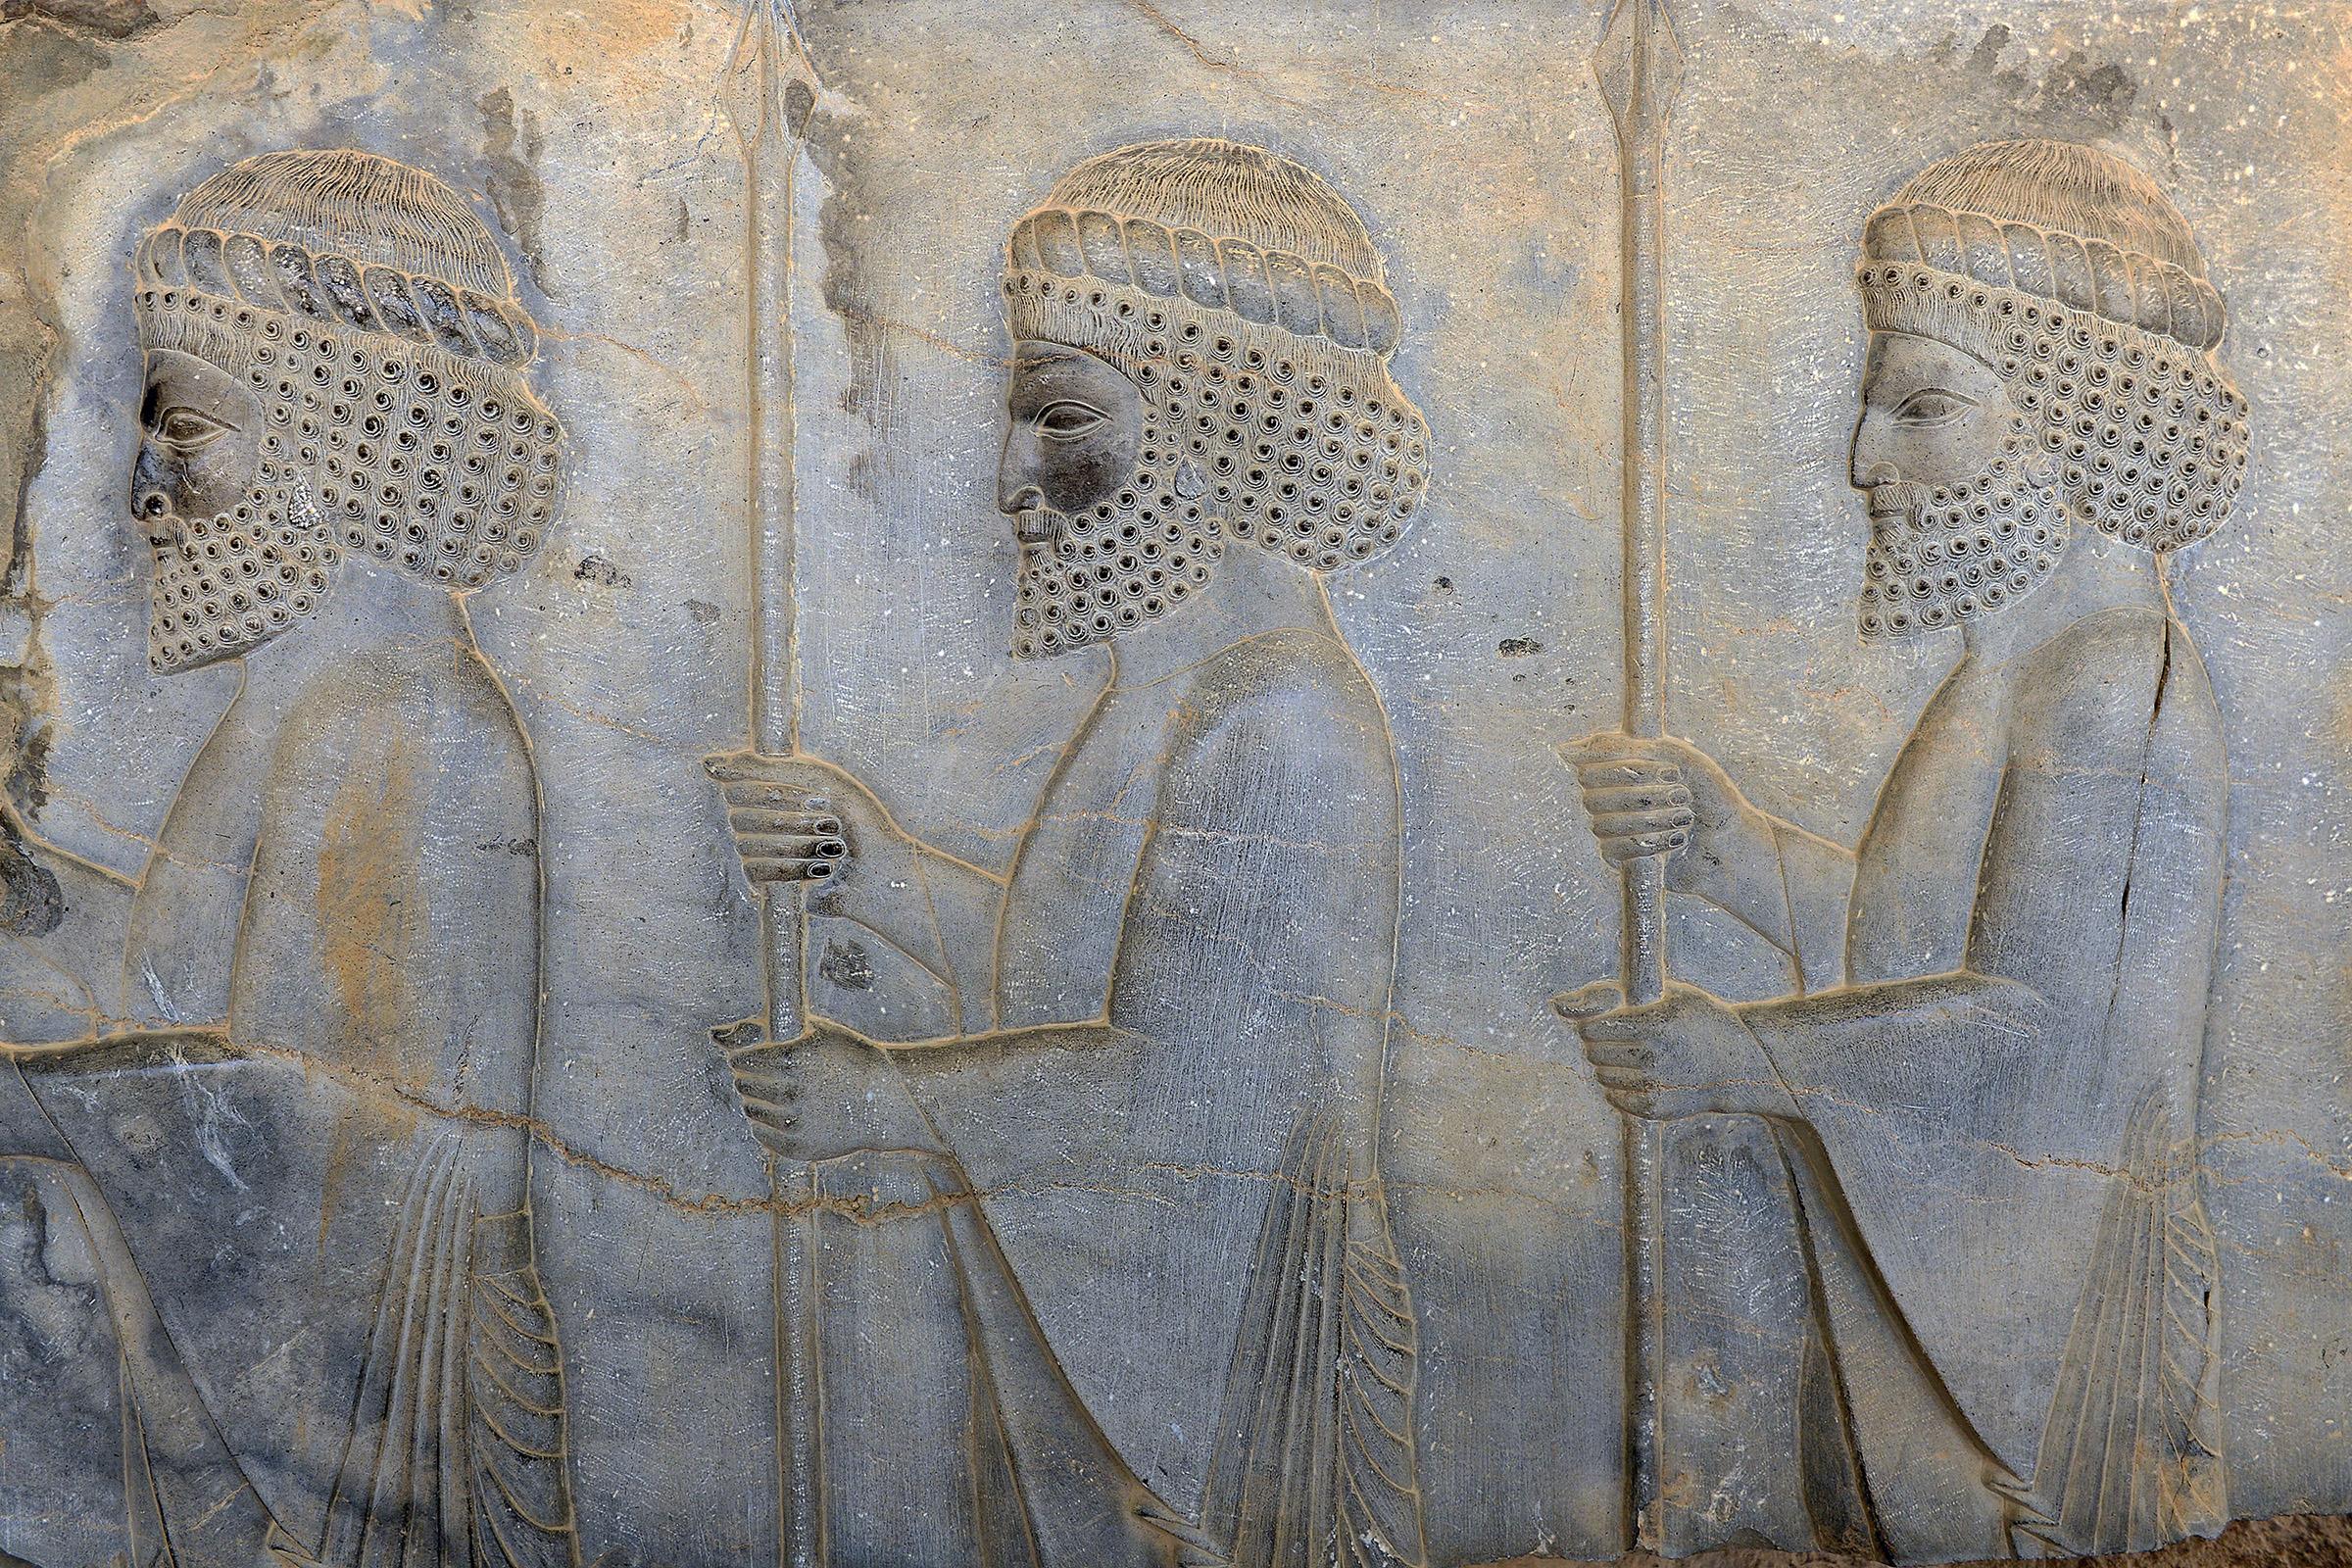 Persepolis (Irán)